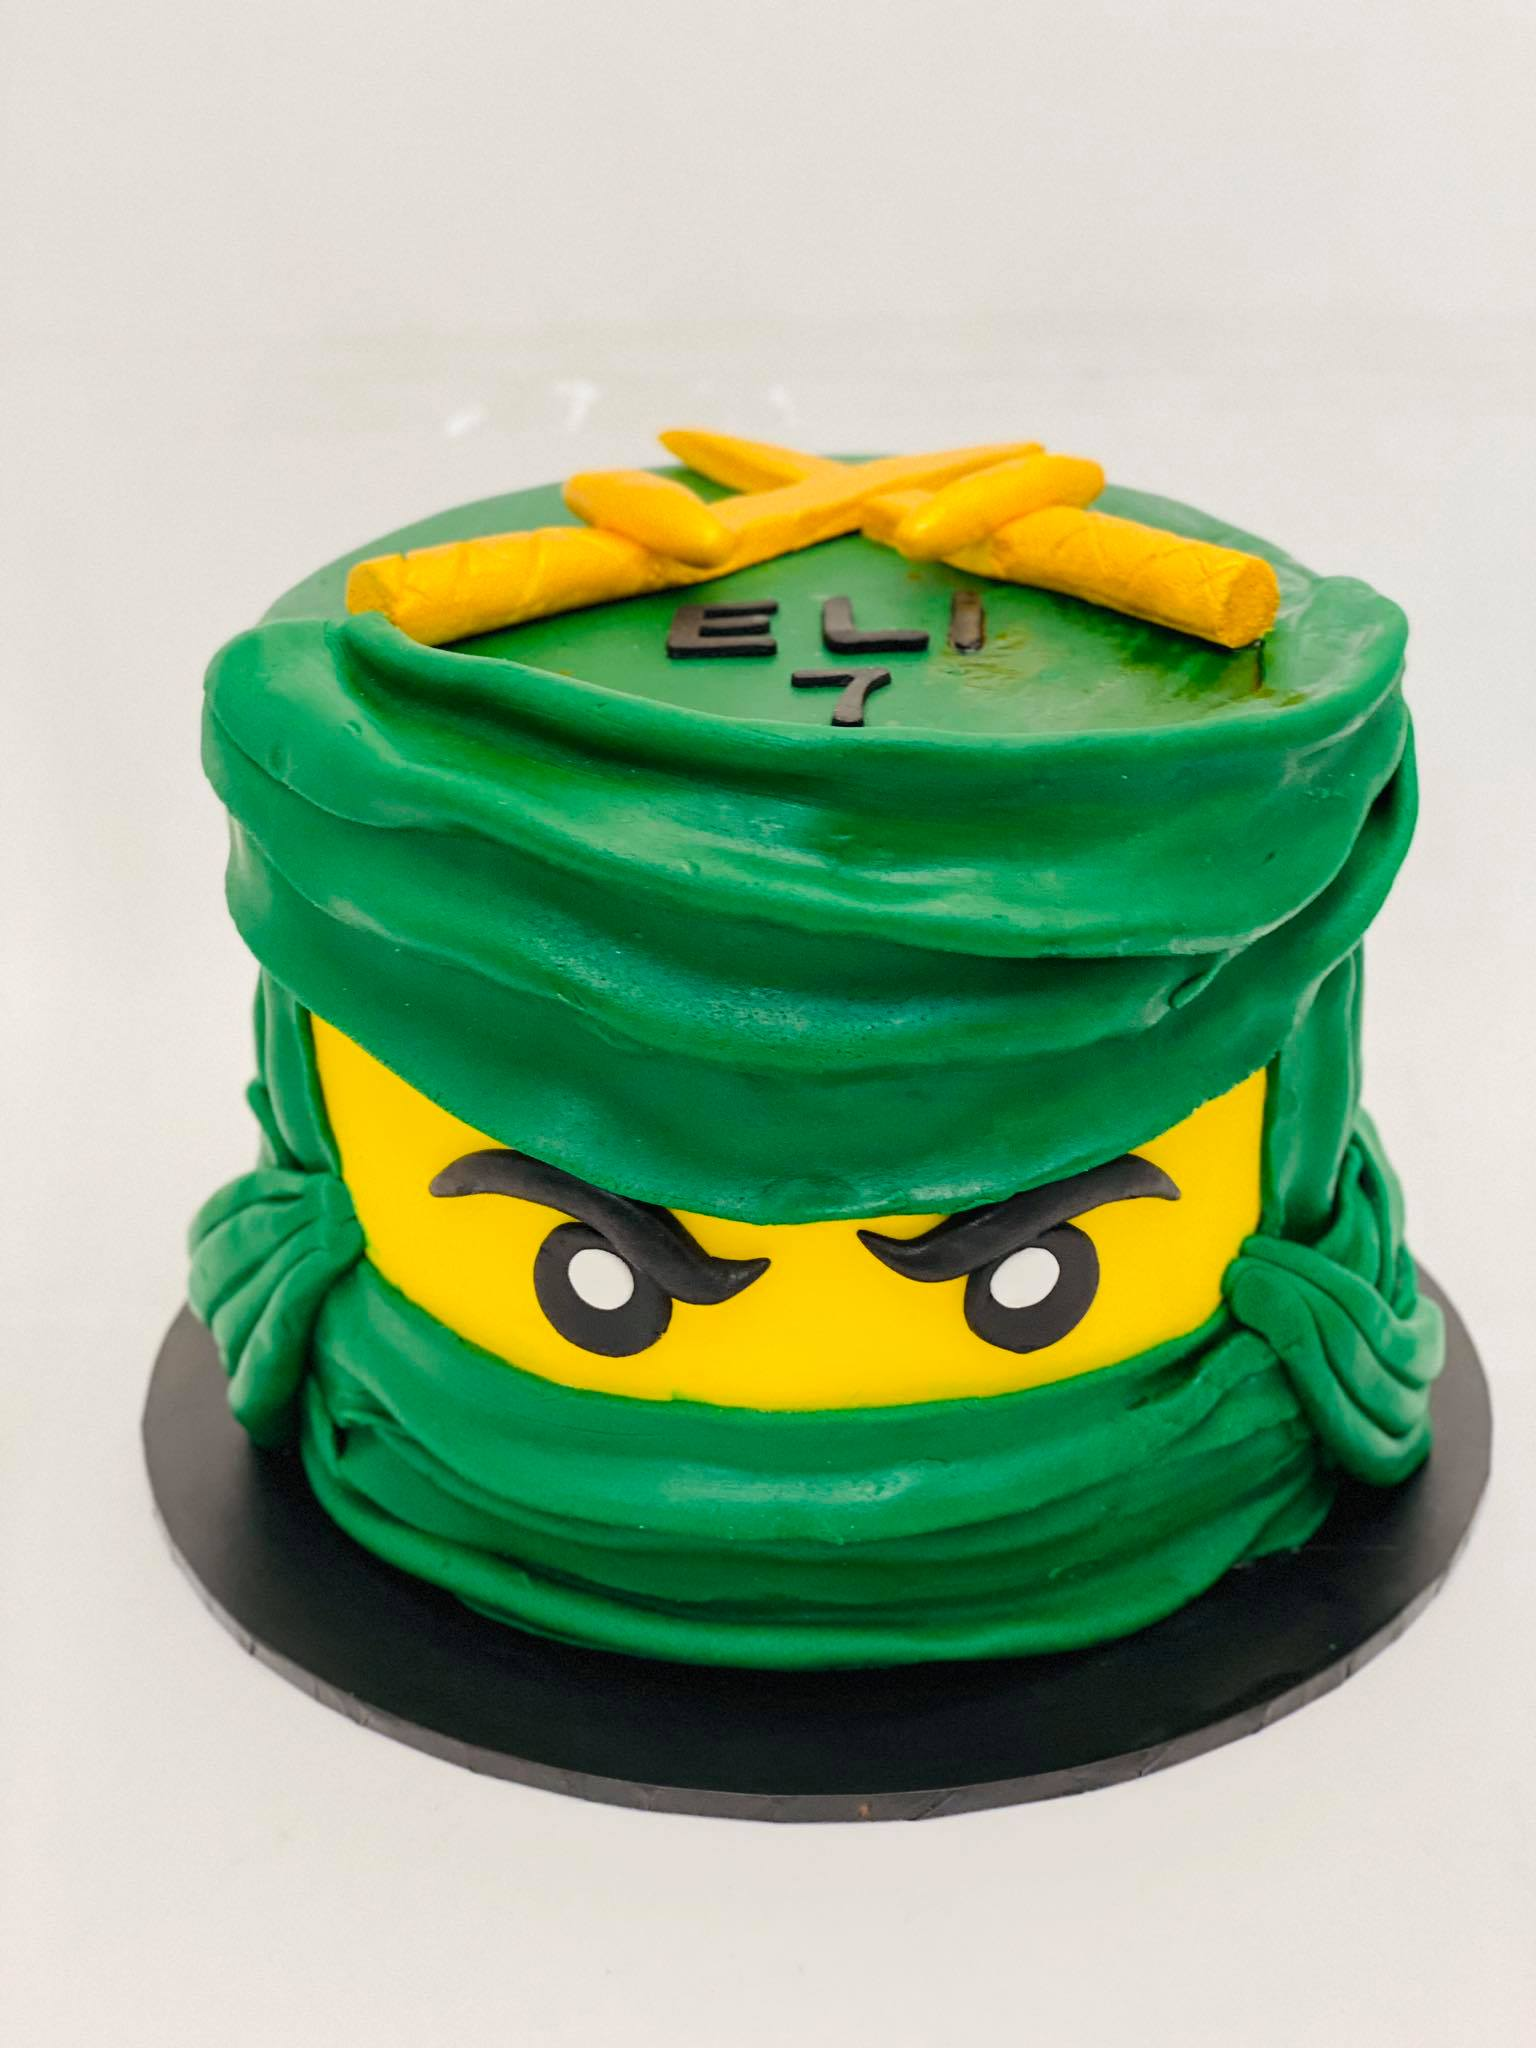 nijargo cake